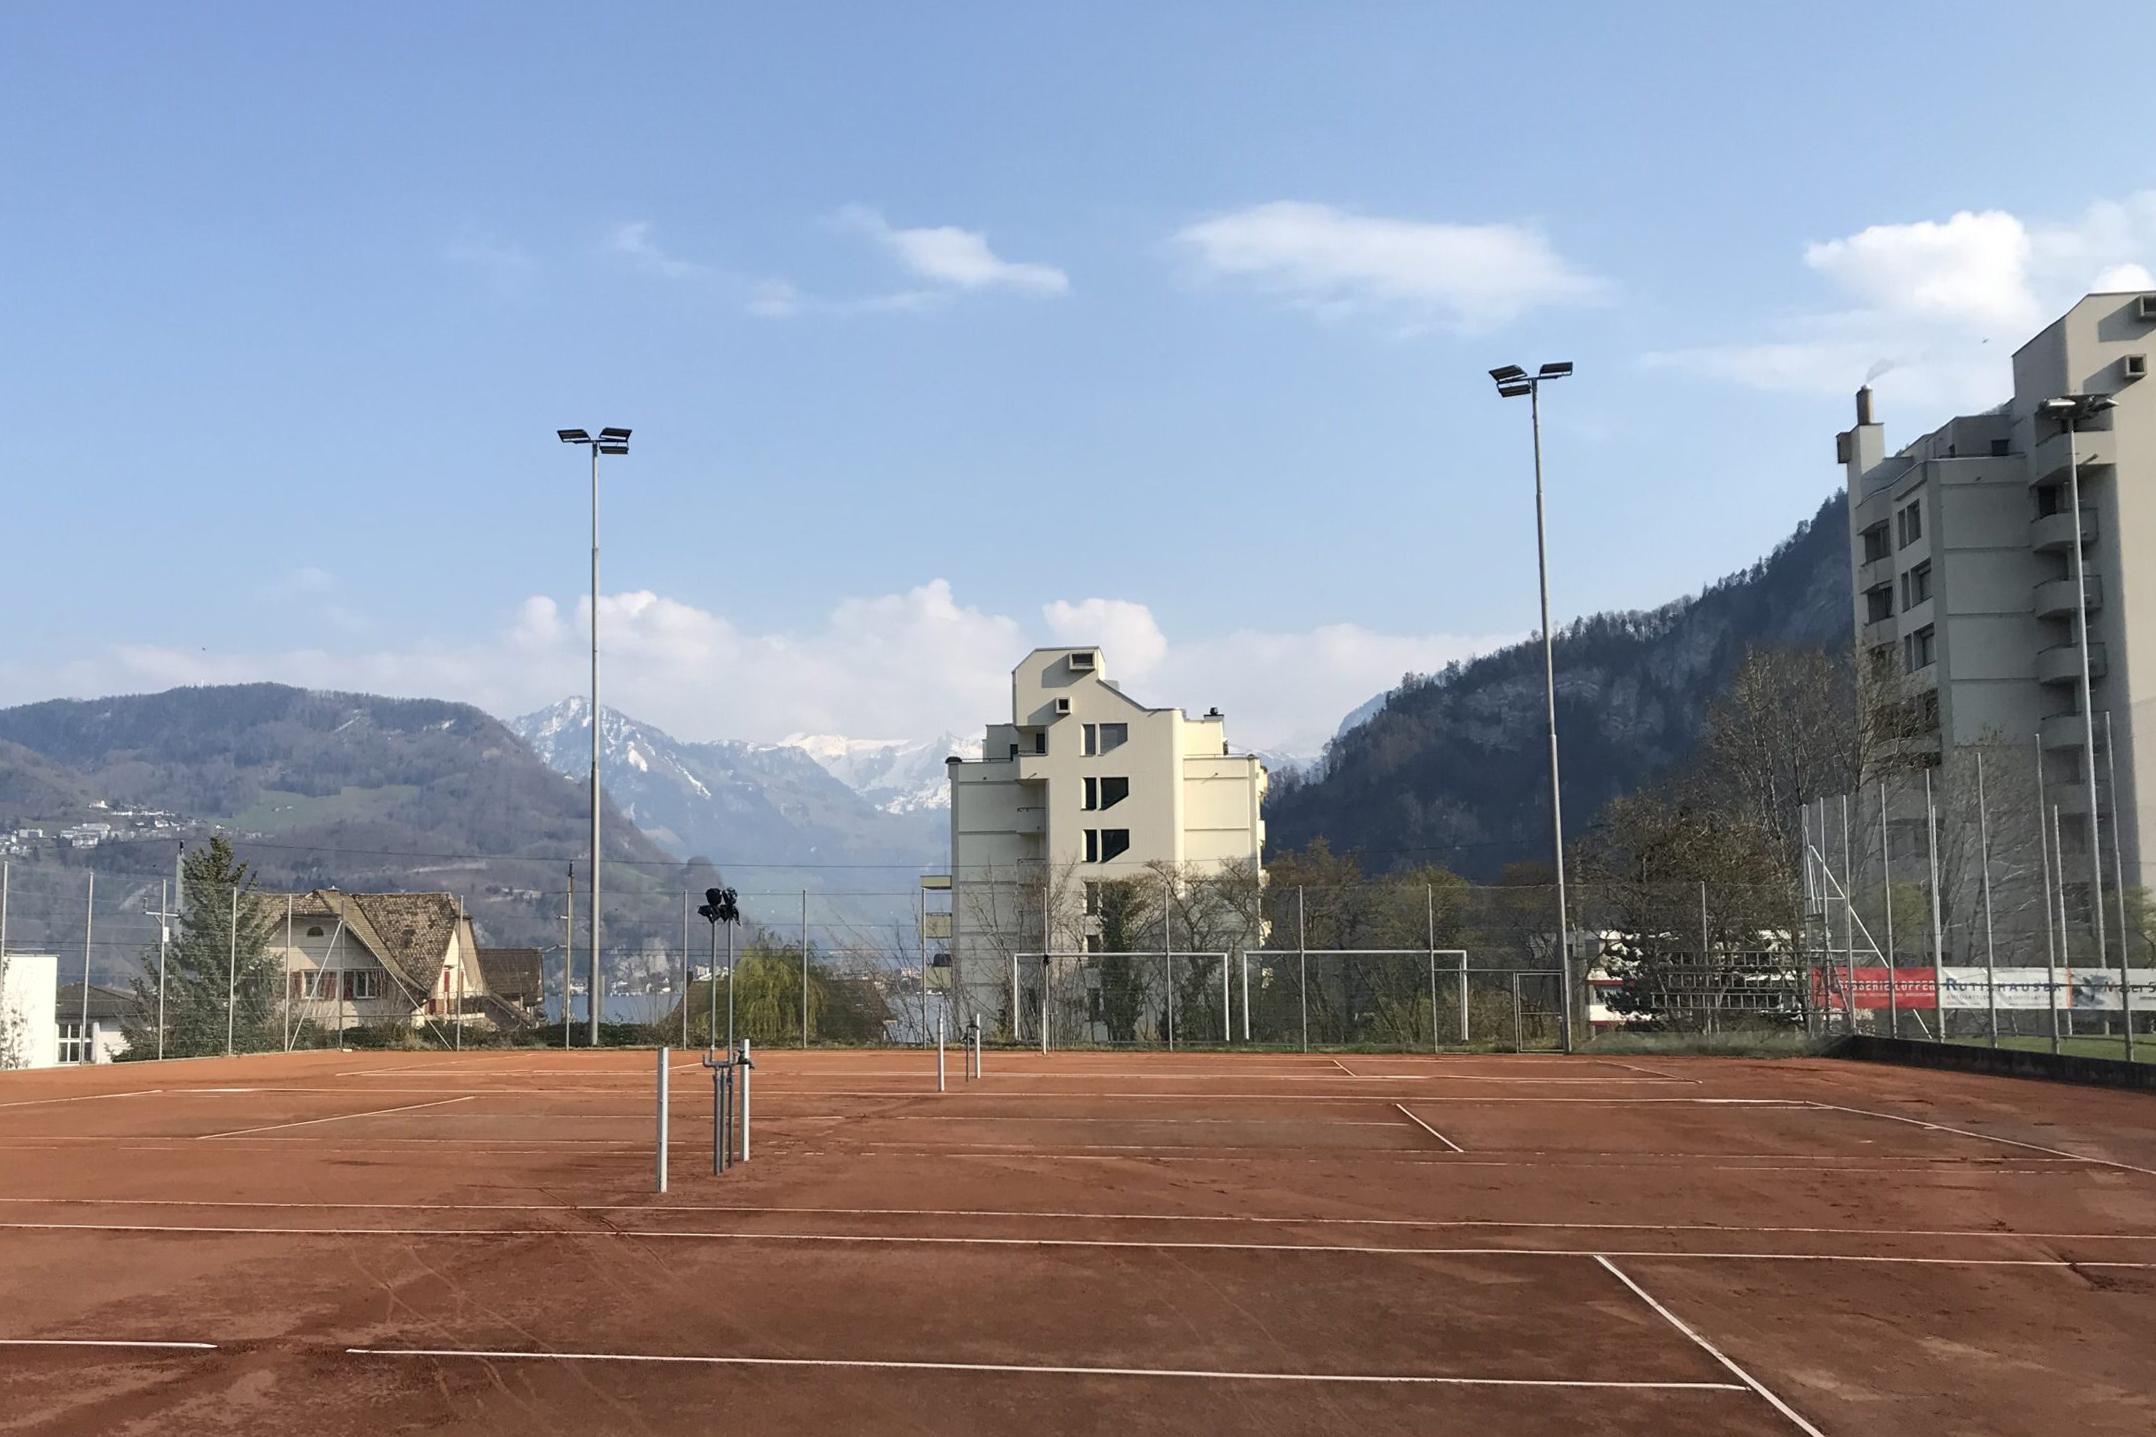 Bild des Tennisplatzes des TC Hergiswil